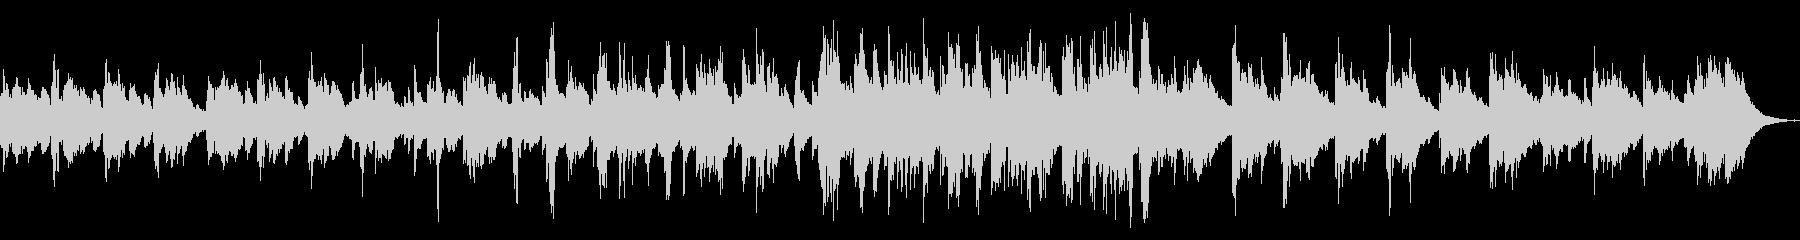 ジャジーでスモーキーなピアノソロの未再生の波形